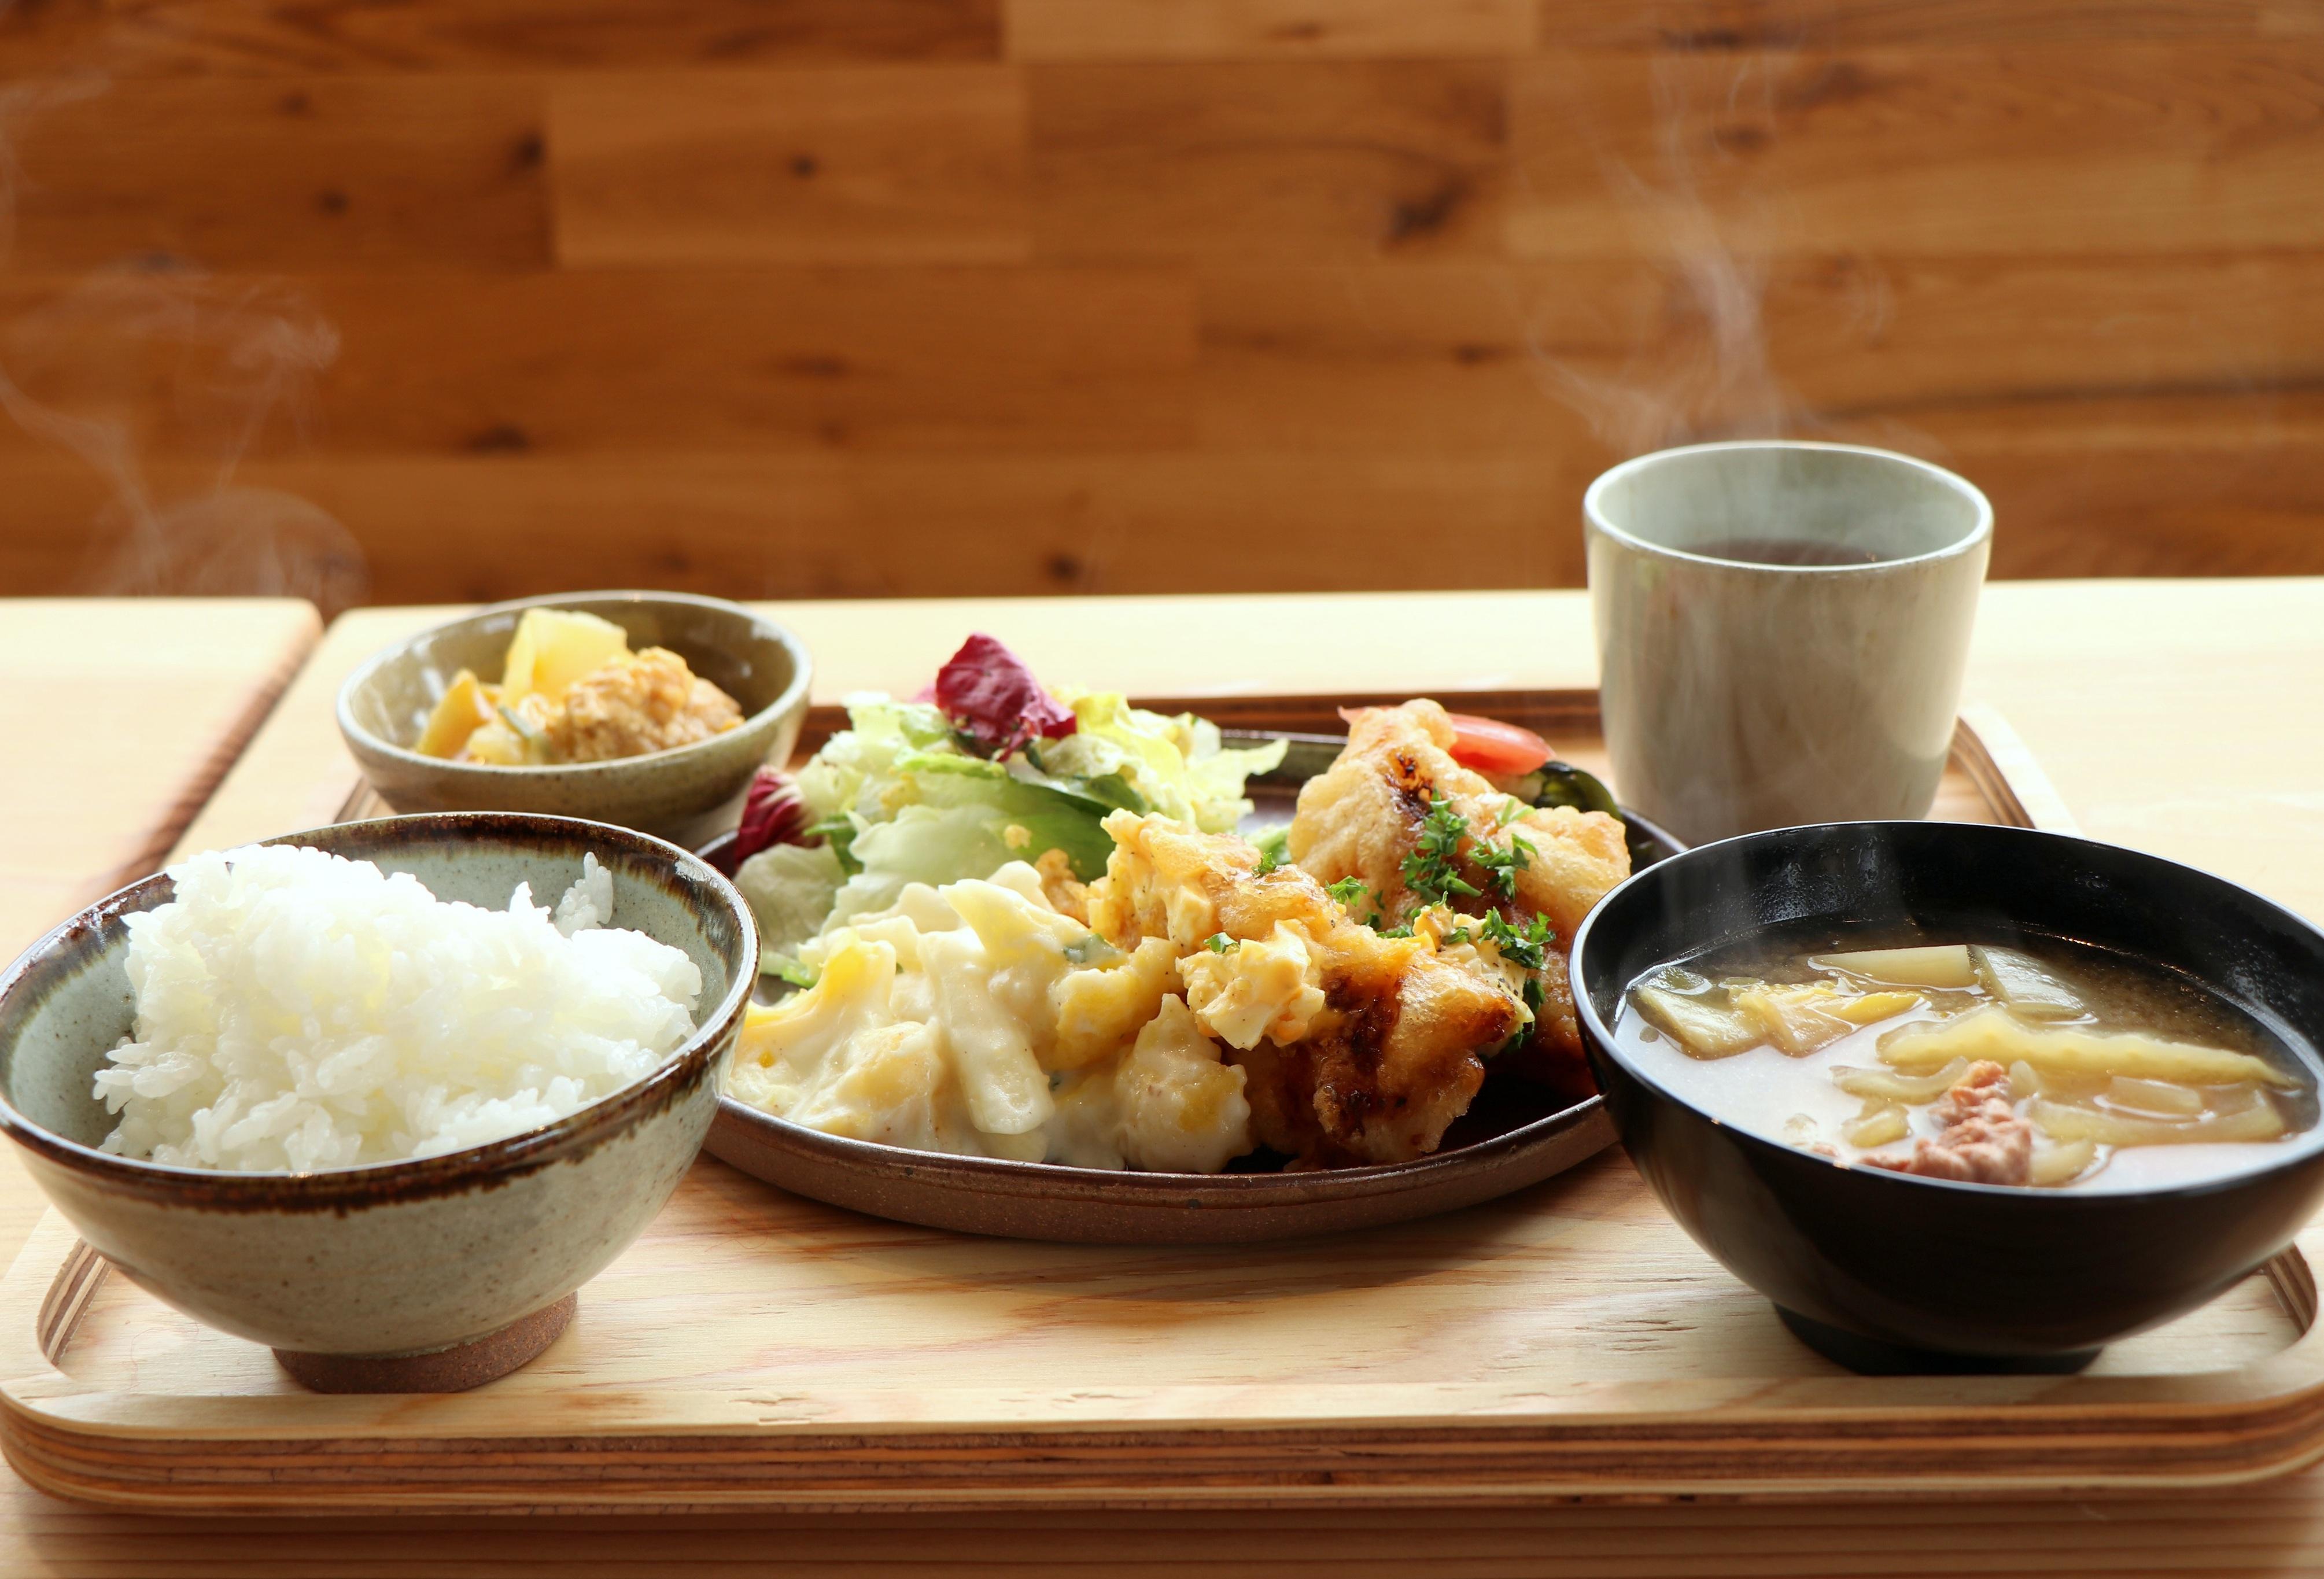 《名西郡/かま屋 かまパン&ストア》神山はやっぱおもっしょい、話題の地産地食ランチを食べてきた。